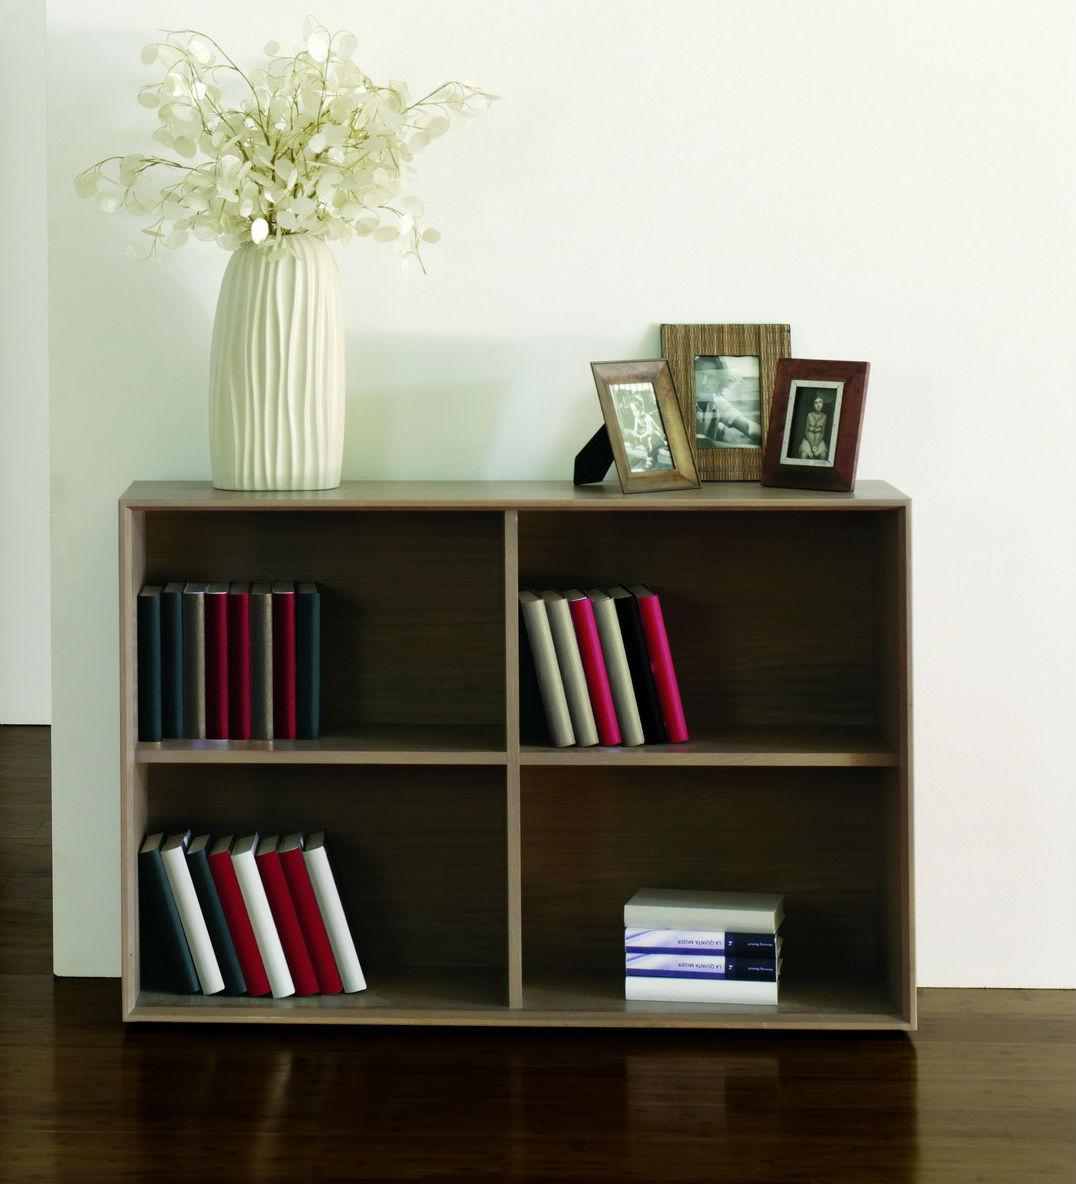 bibliotheque modulable en bois